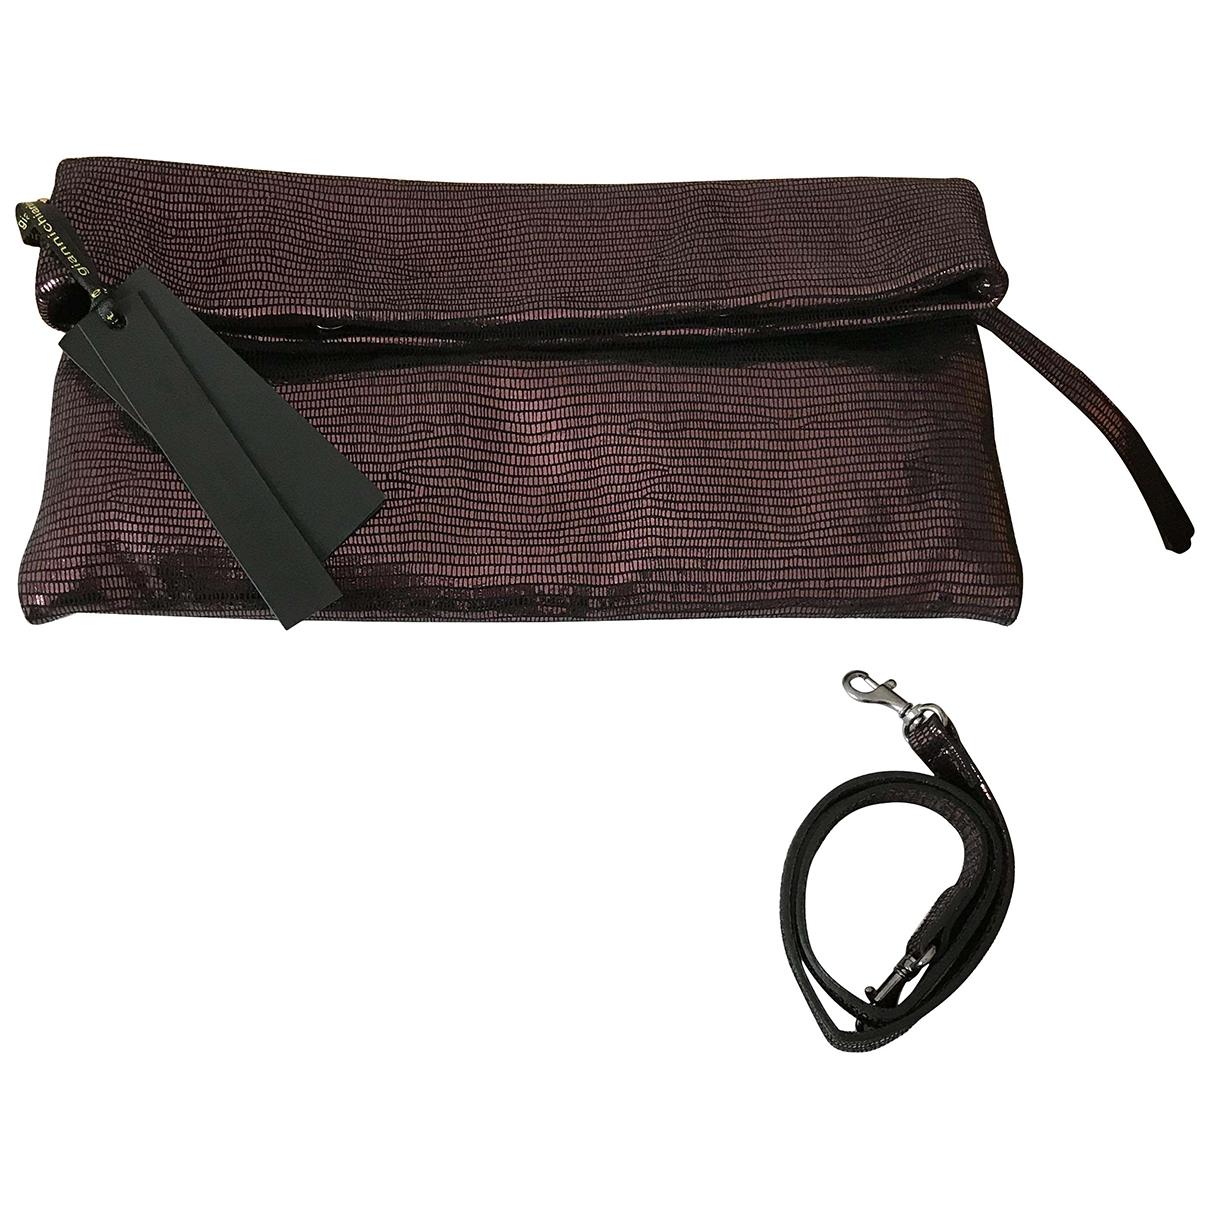 Gianni Chiarini \N Leather Clutch bag for Women \N